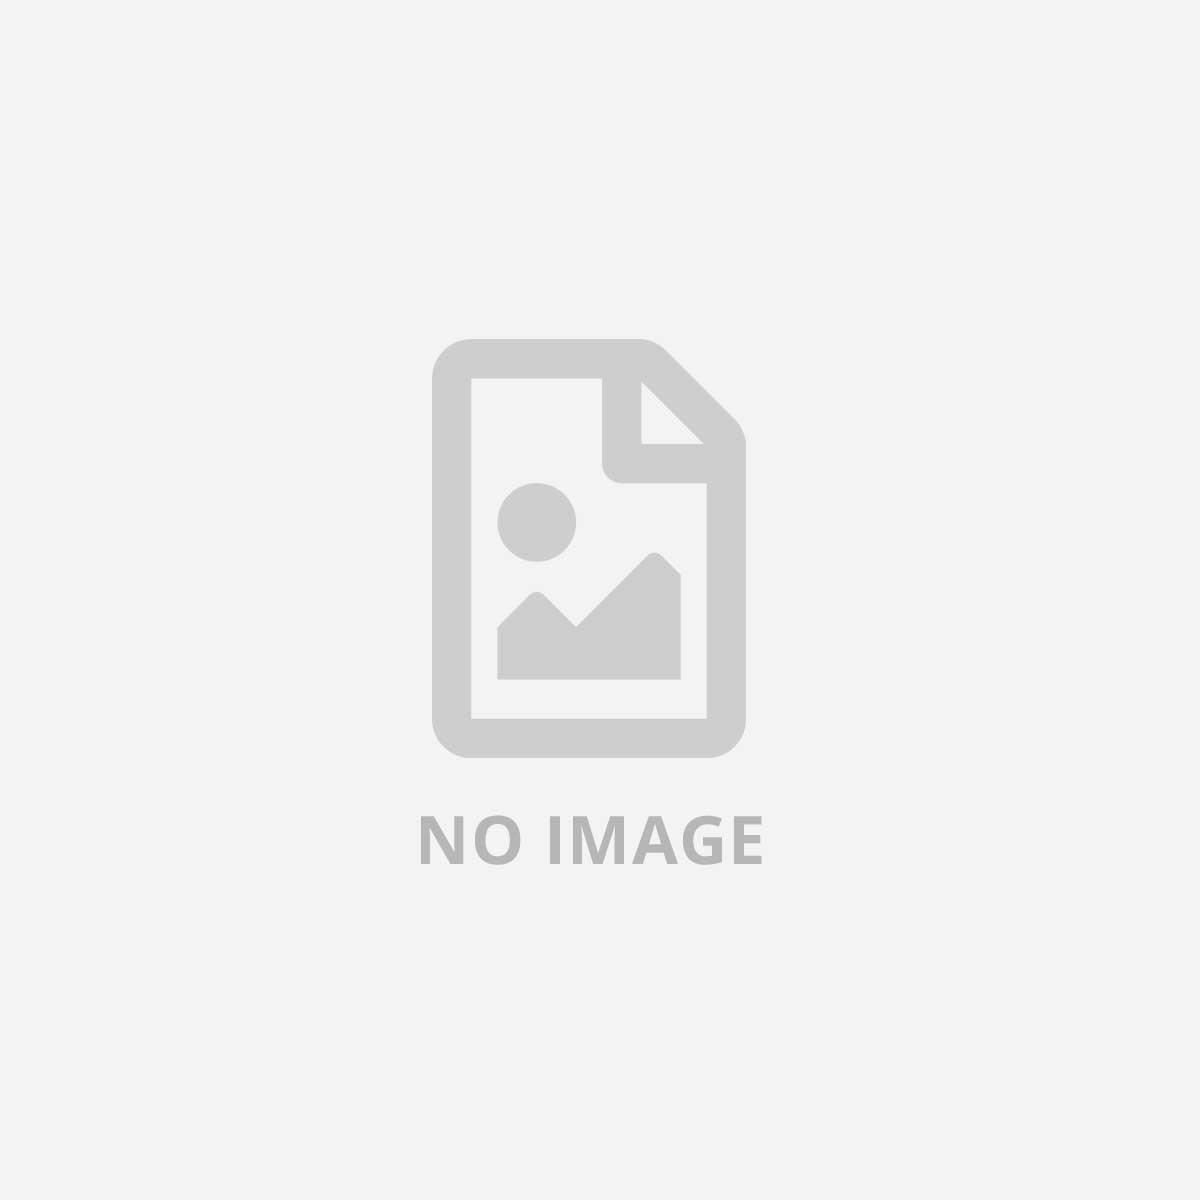 HP DESIGNJET T630 PRINTER 61CM 24IN